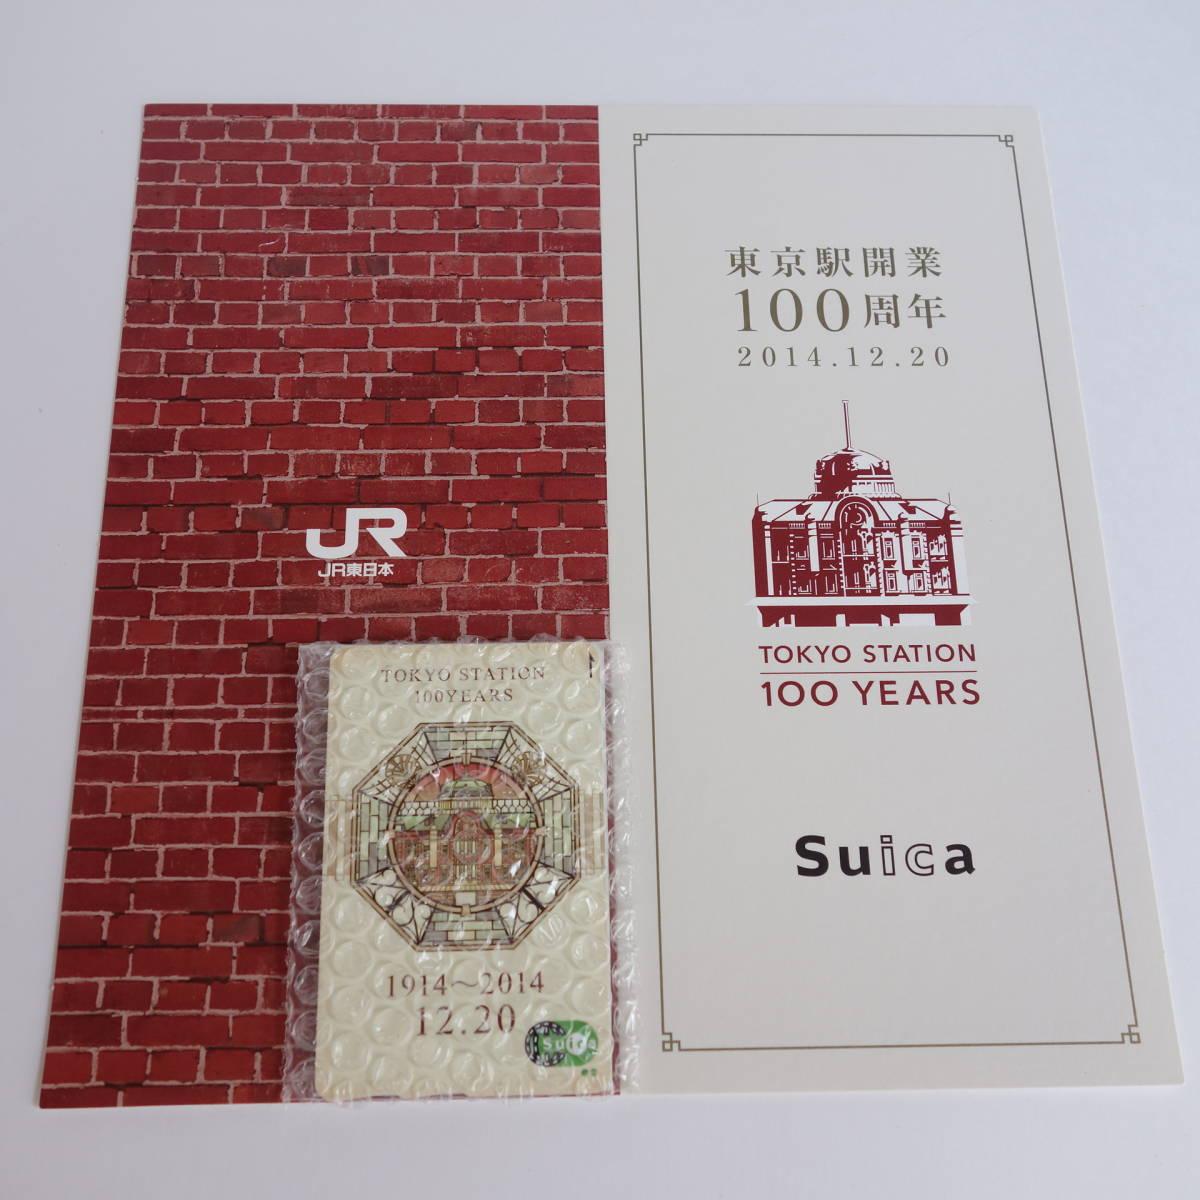 東京駅開業100周年記念 Suica 台紙付【新品・完全未使用】_画像1